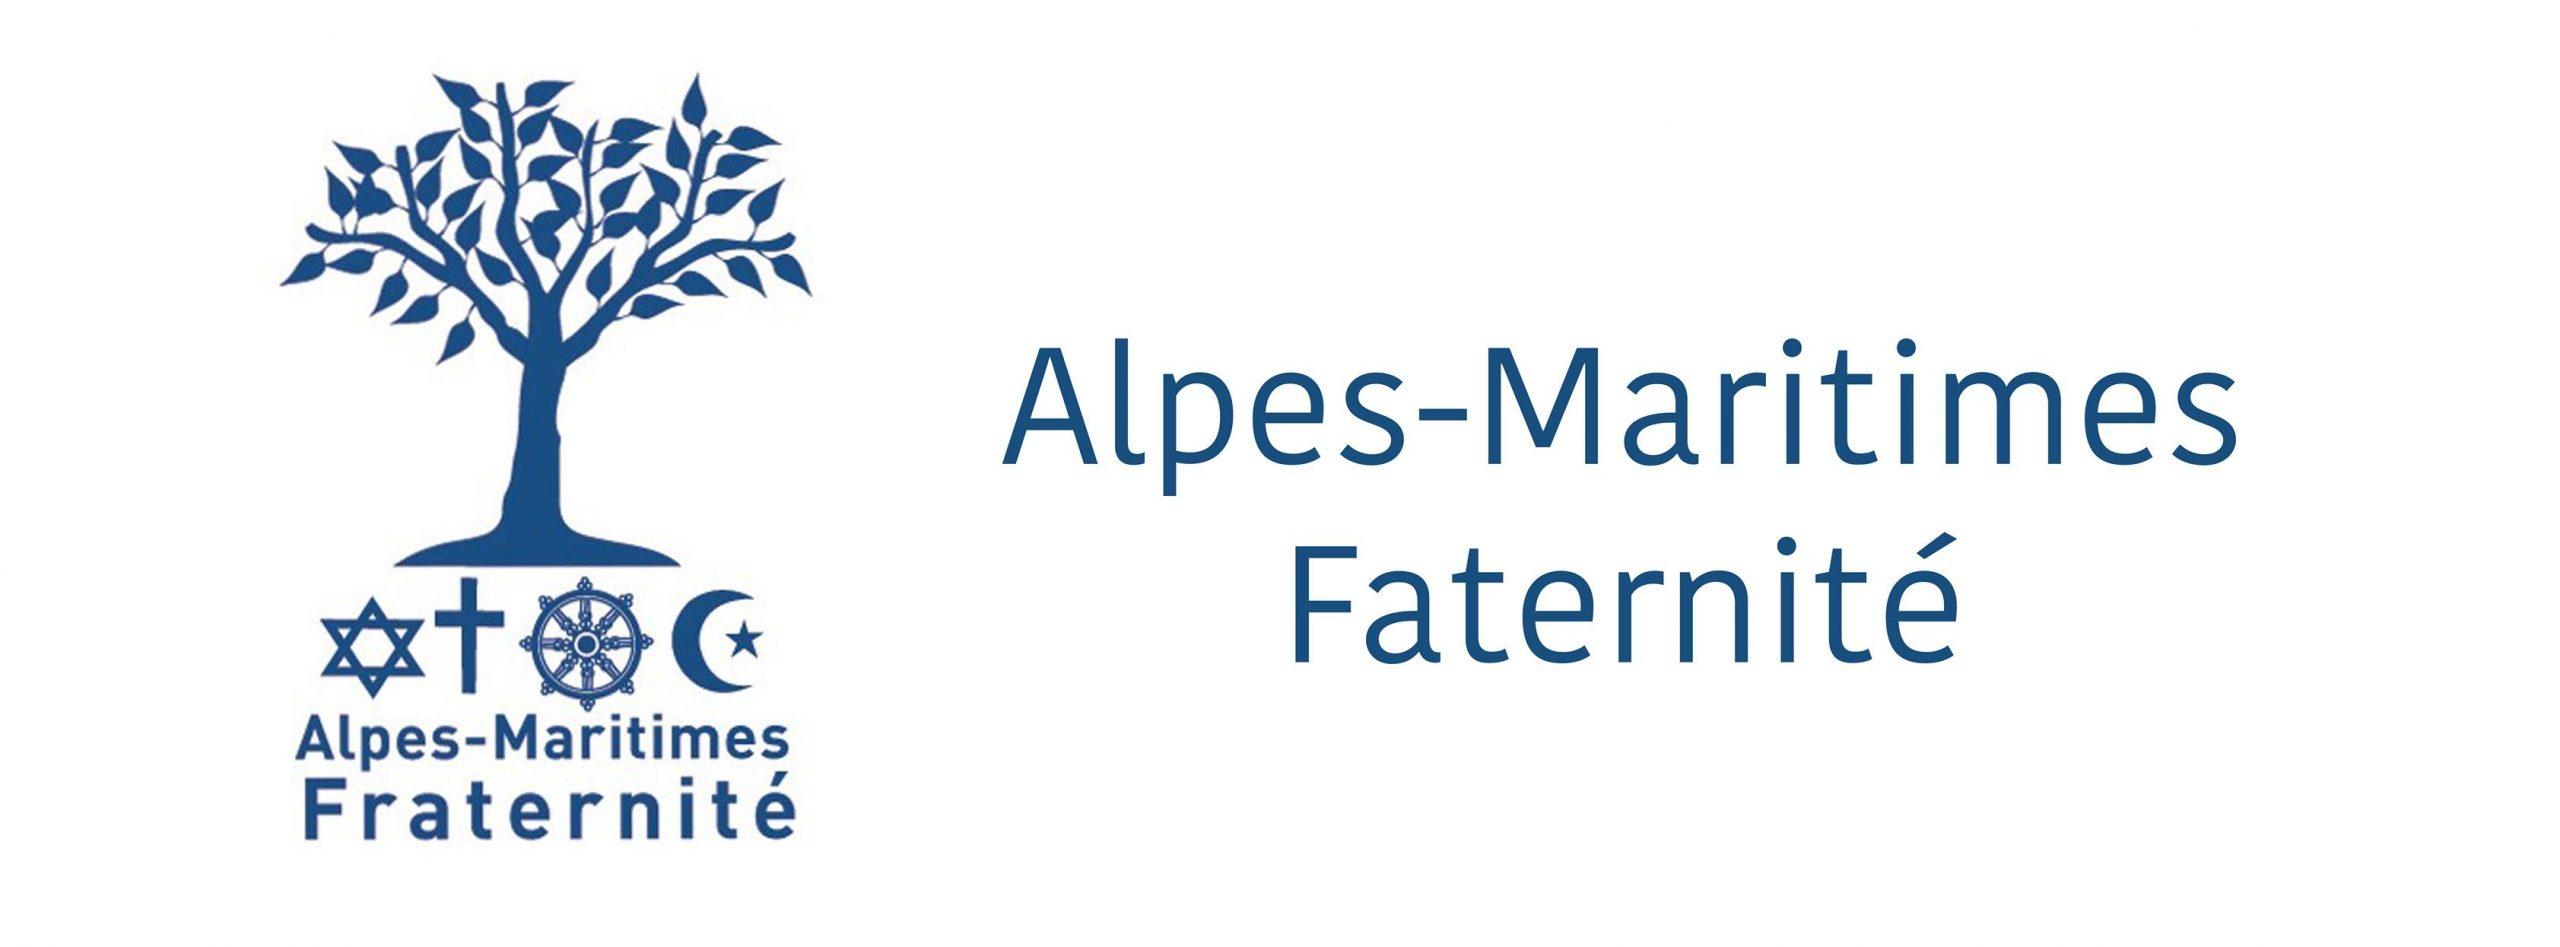 Communiqué d'Alpes-Maritimes Fraternité – TOUS UNIS CONTRE LA BARBARIE